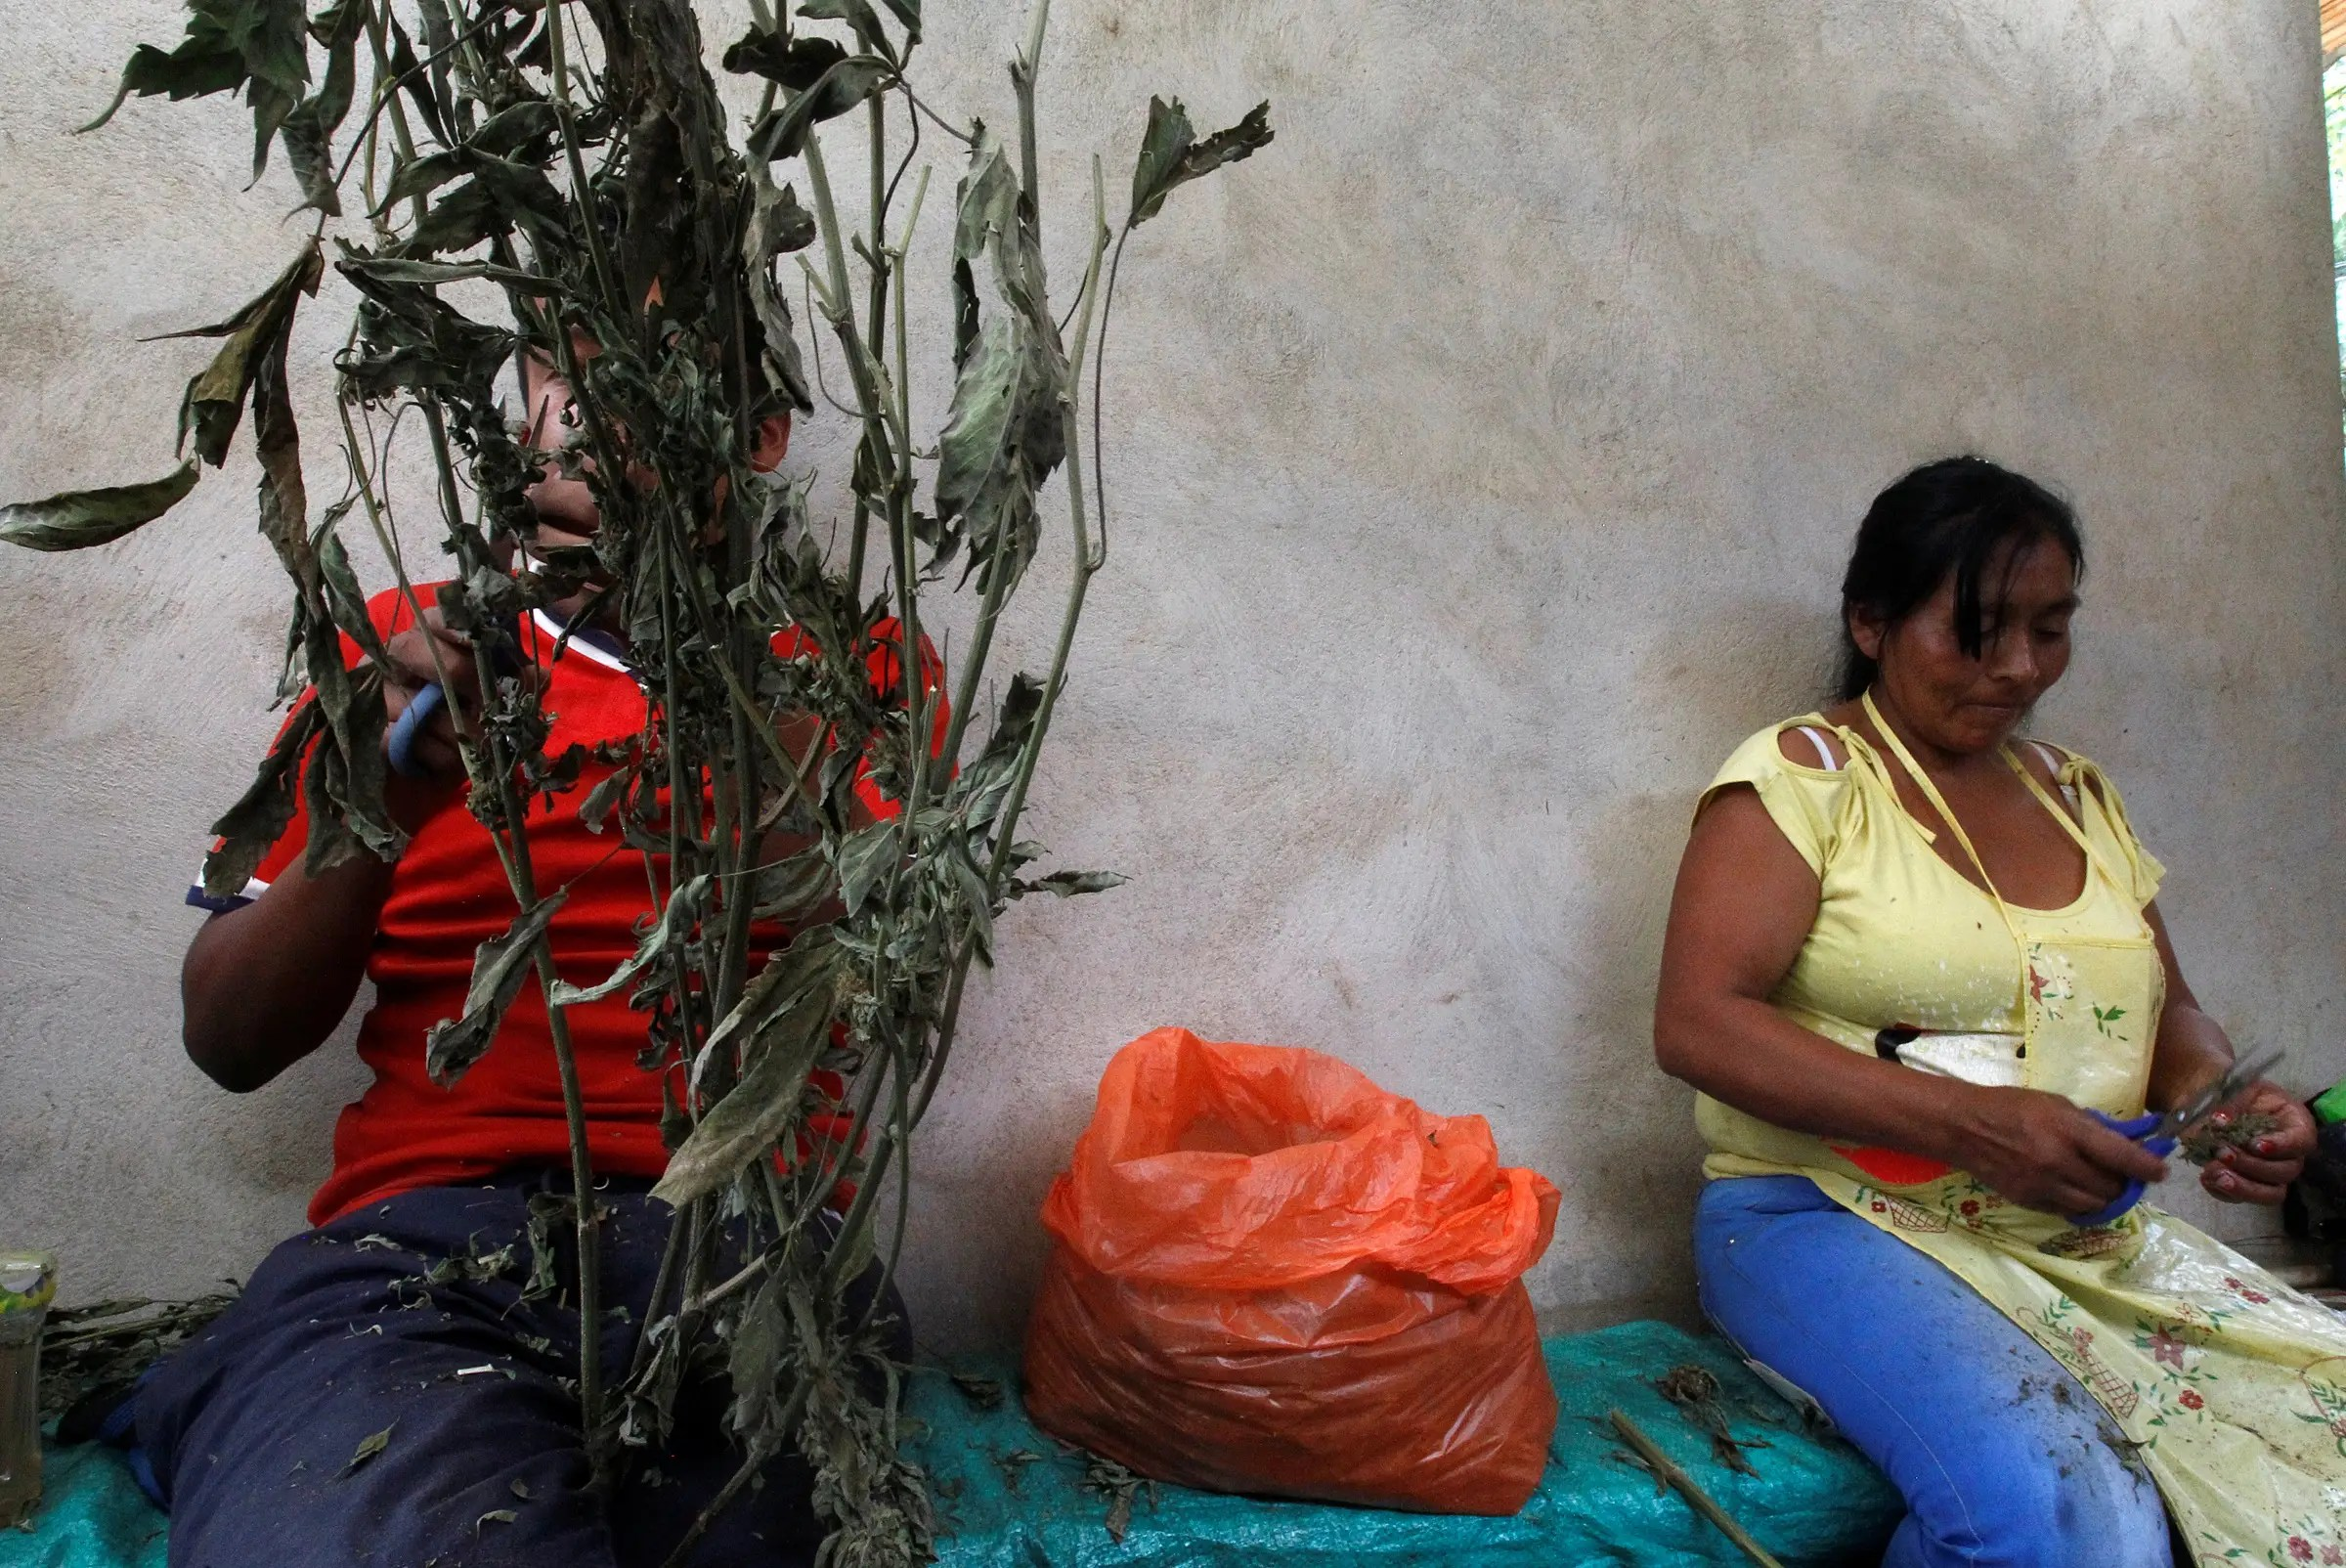 Colombia drug production trafficking marijuana